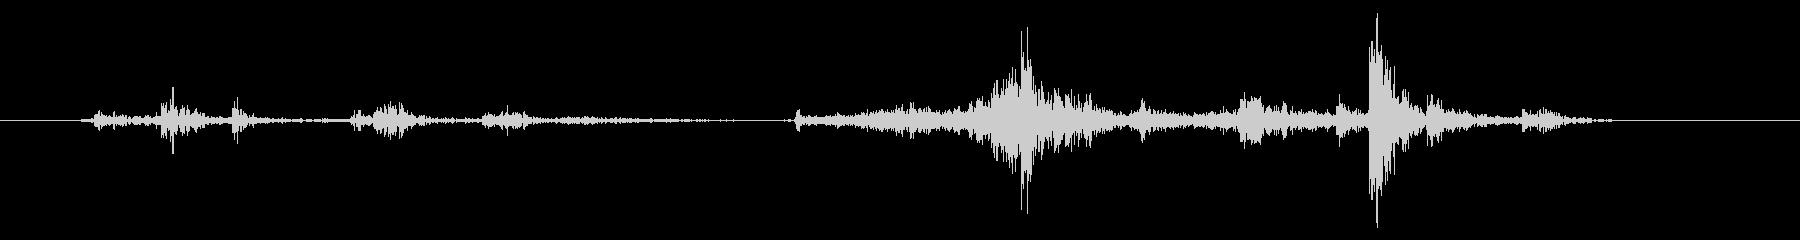 エアコン01-12(フィルター 取る)の未再生の波形